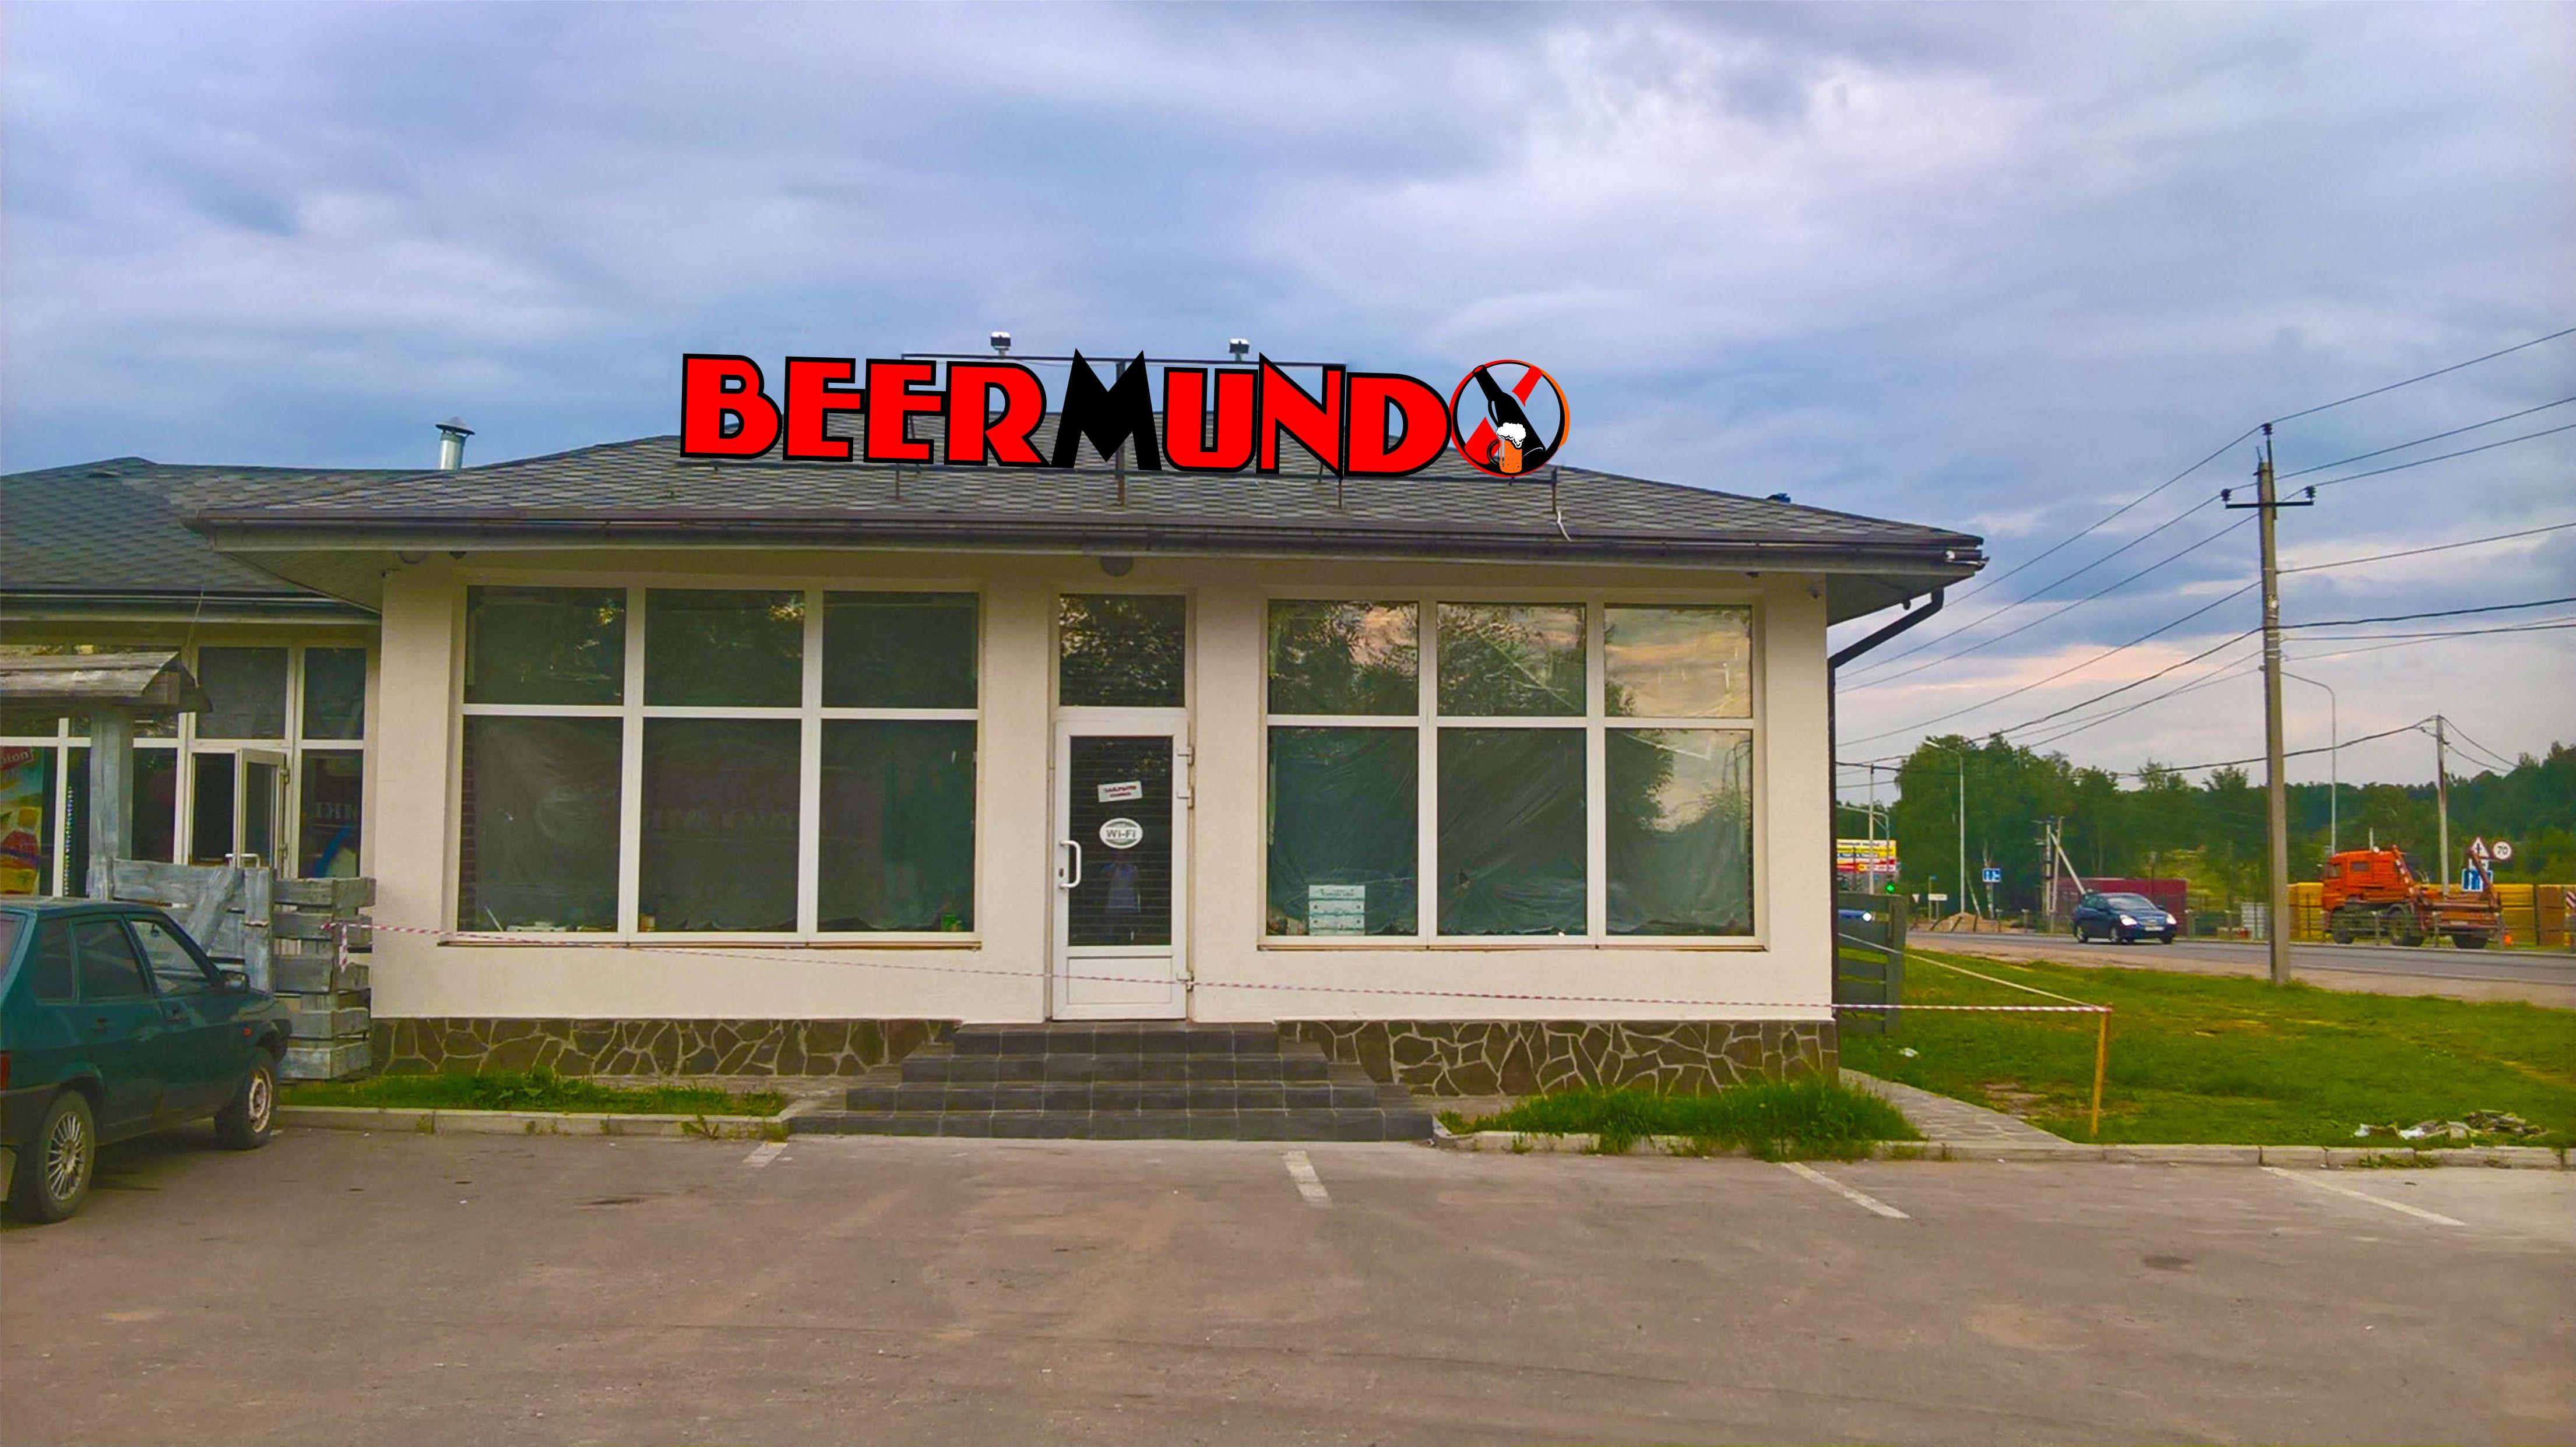 Название/вывеска на магазин пивоварни фото f_547597e1214ef63b.jpg